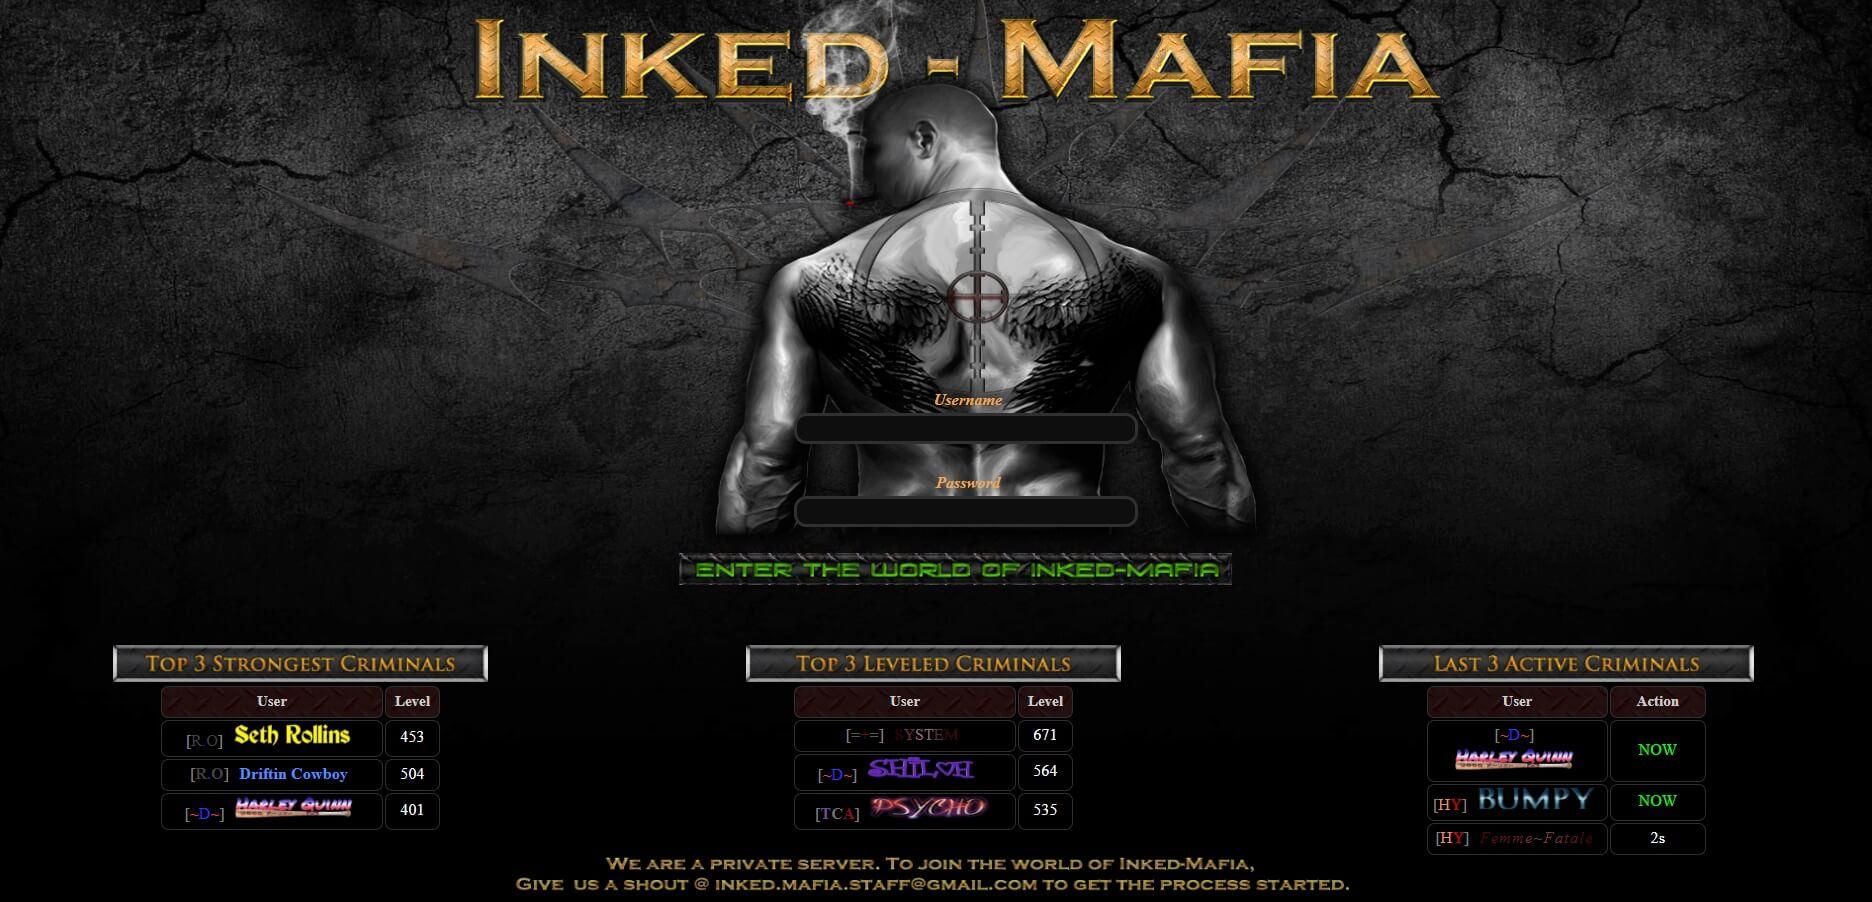 inked-mafia